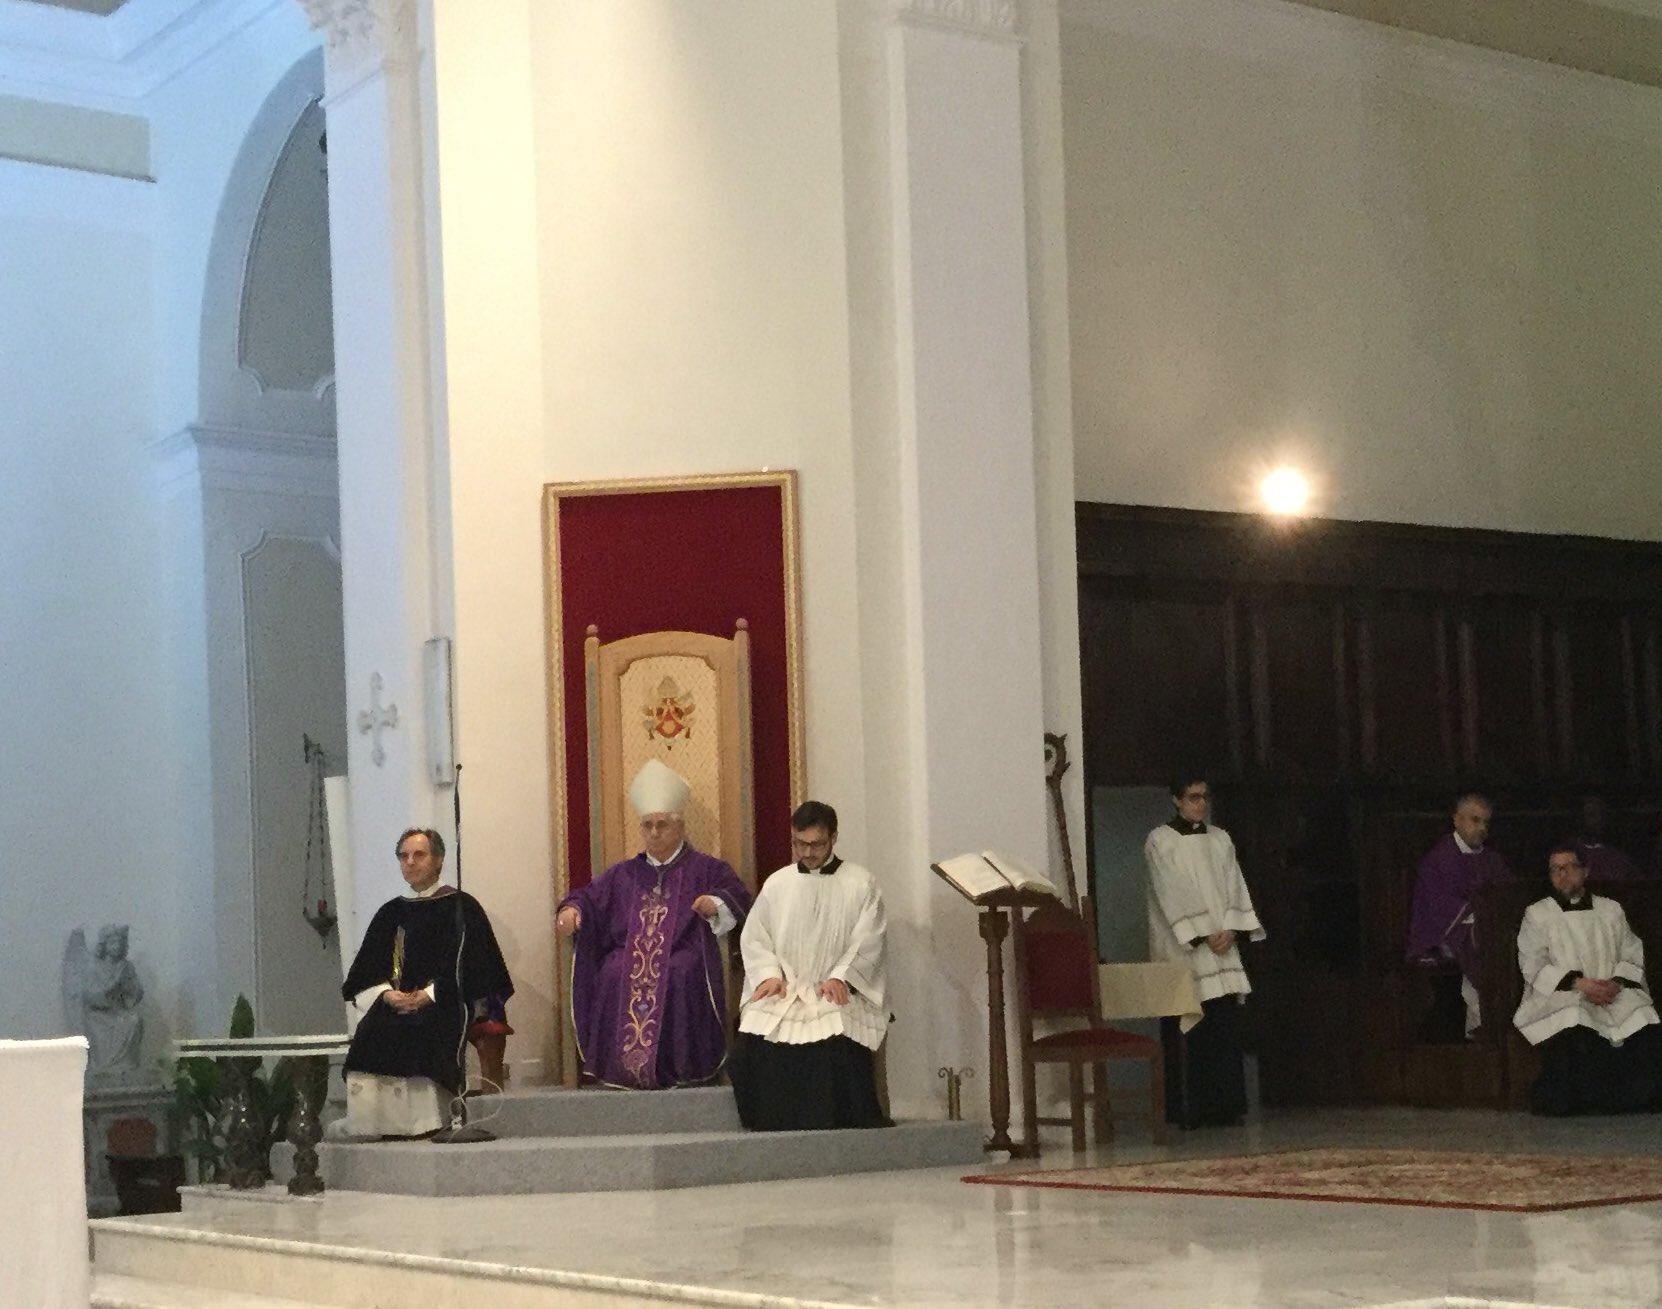 """Mons. #Cantafora a giovani #serviziocivile: """"Come #SanMassimiliano andate controcorrente con vostro servizio"""". @LuigiBobba @Pontifex_it https://t.co/rYc2CsGwzV"""